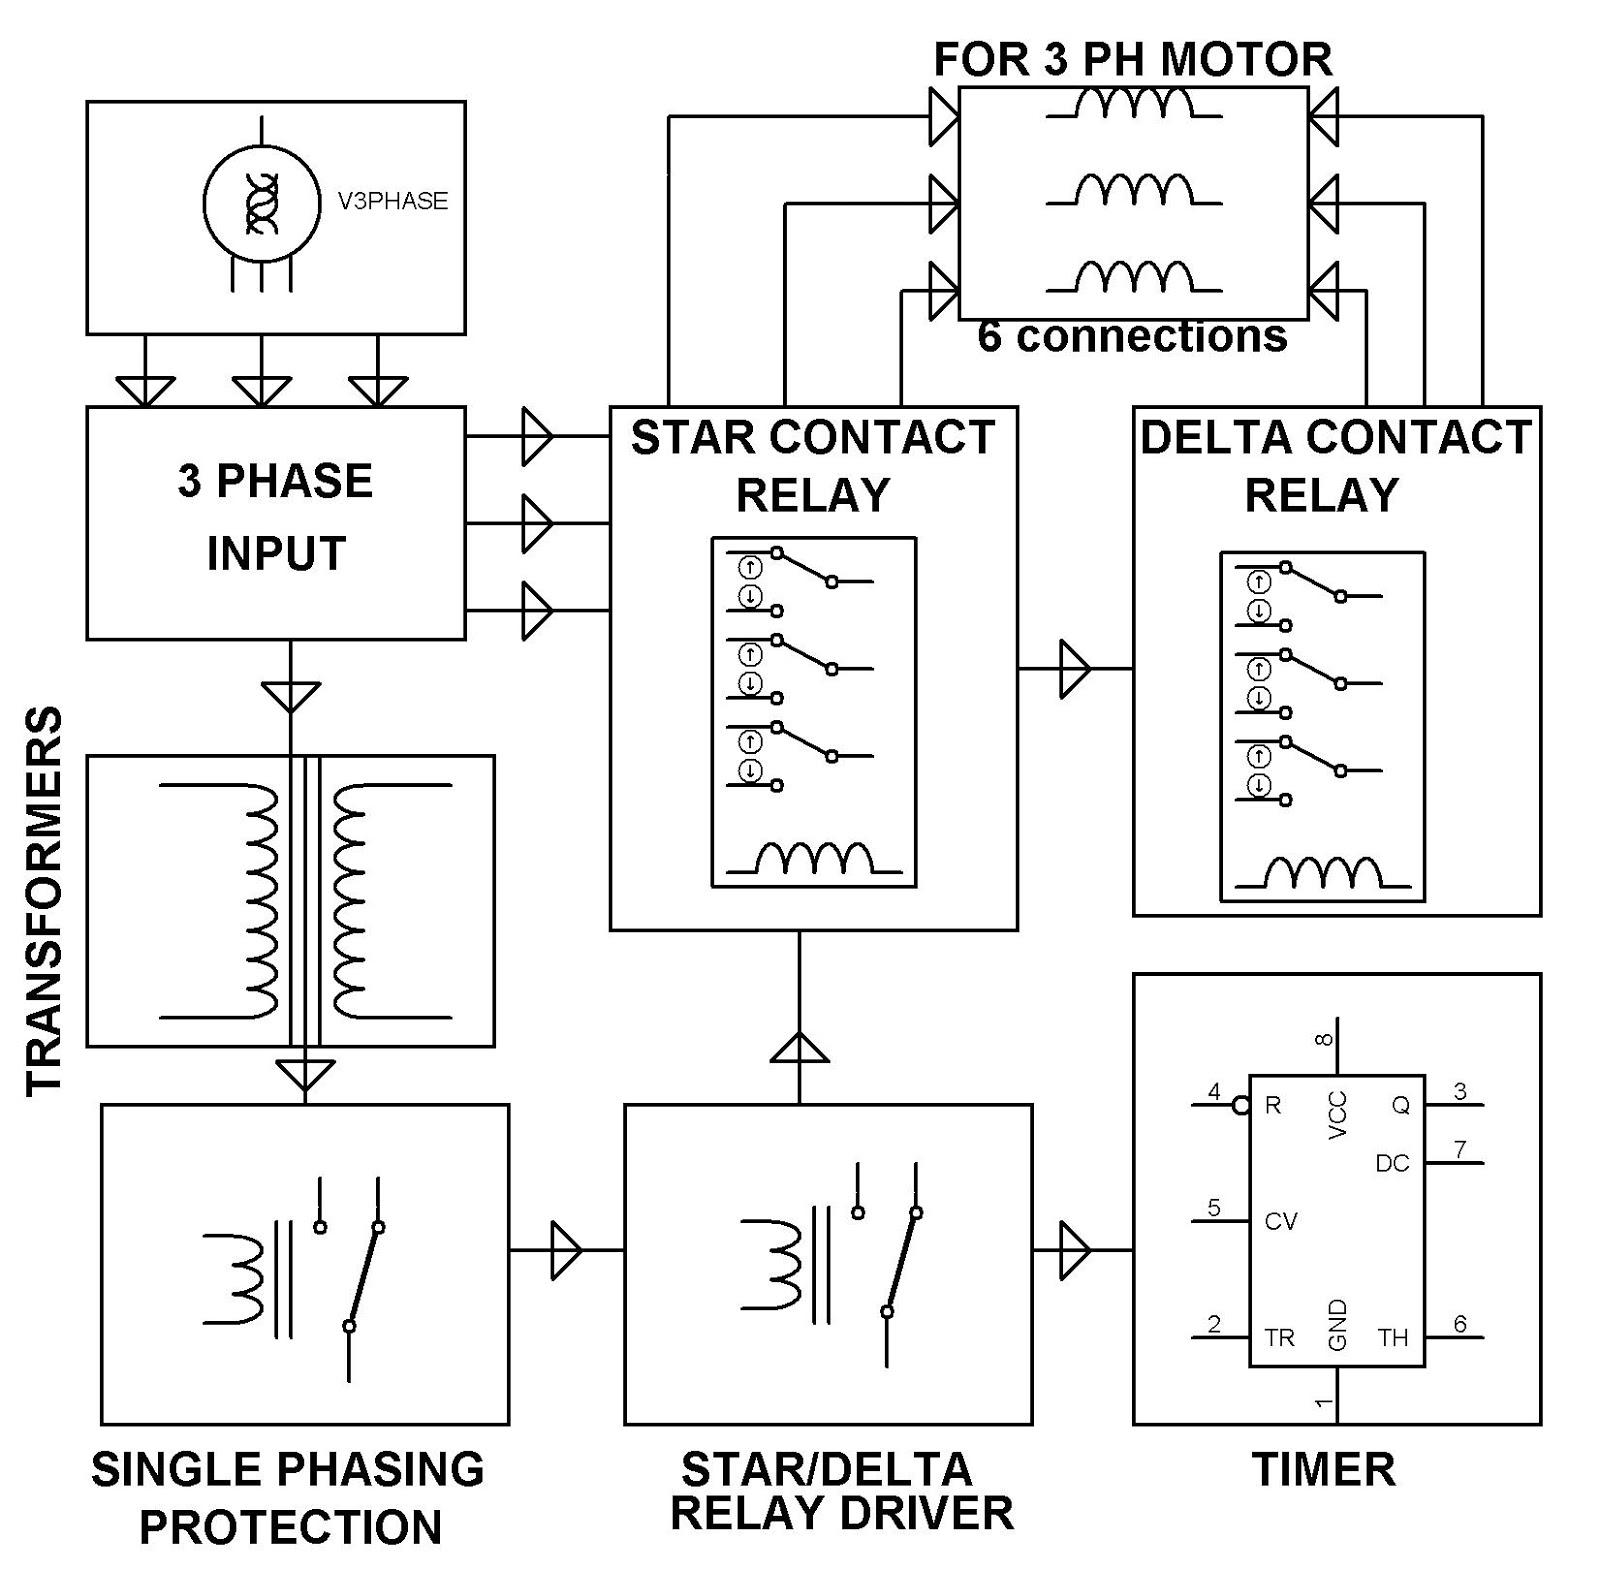 3 phase low voltage motor wiring diagram [ 1600 x 1571 Pixel ]